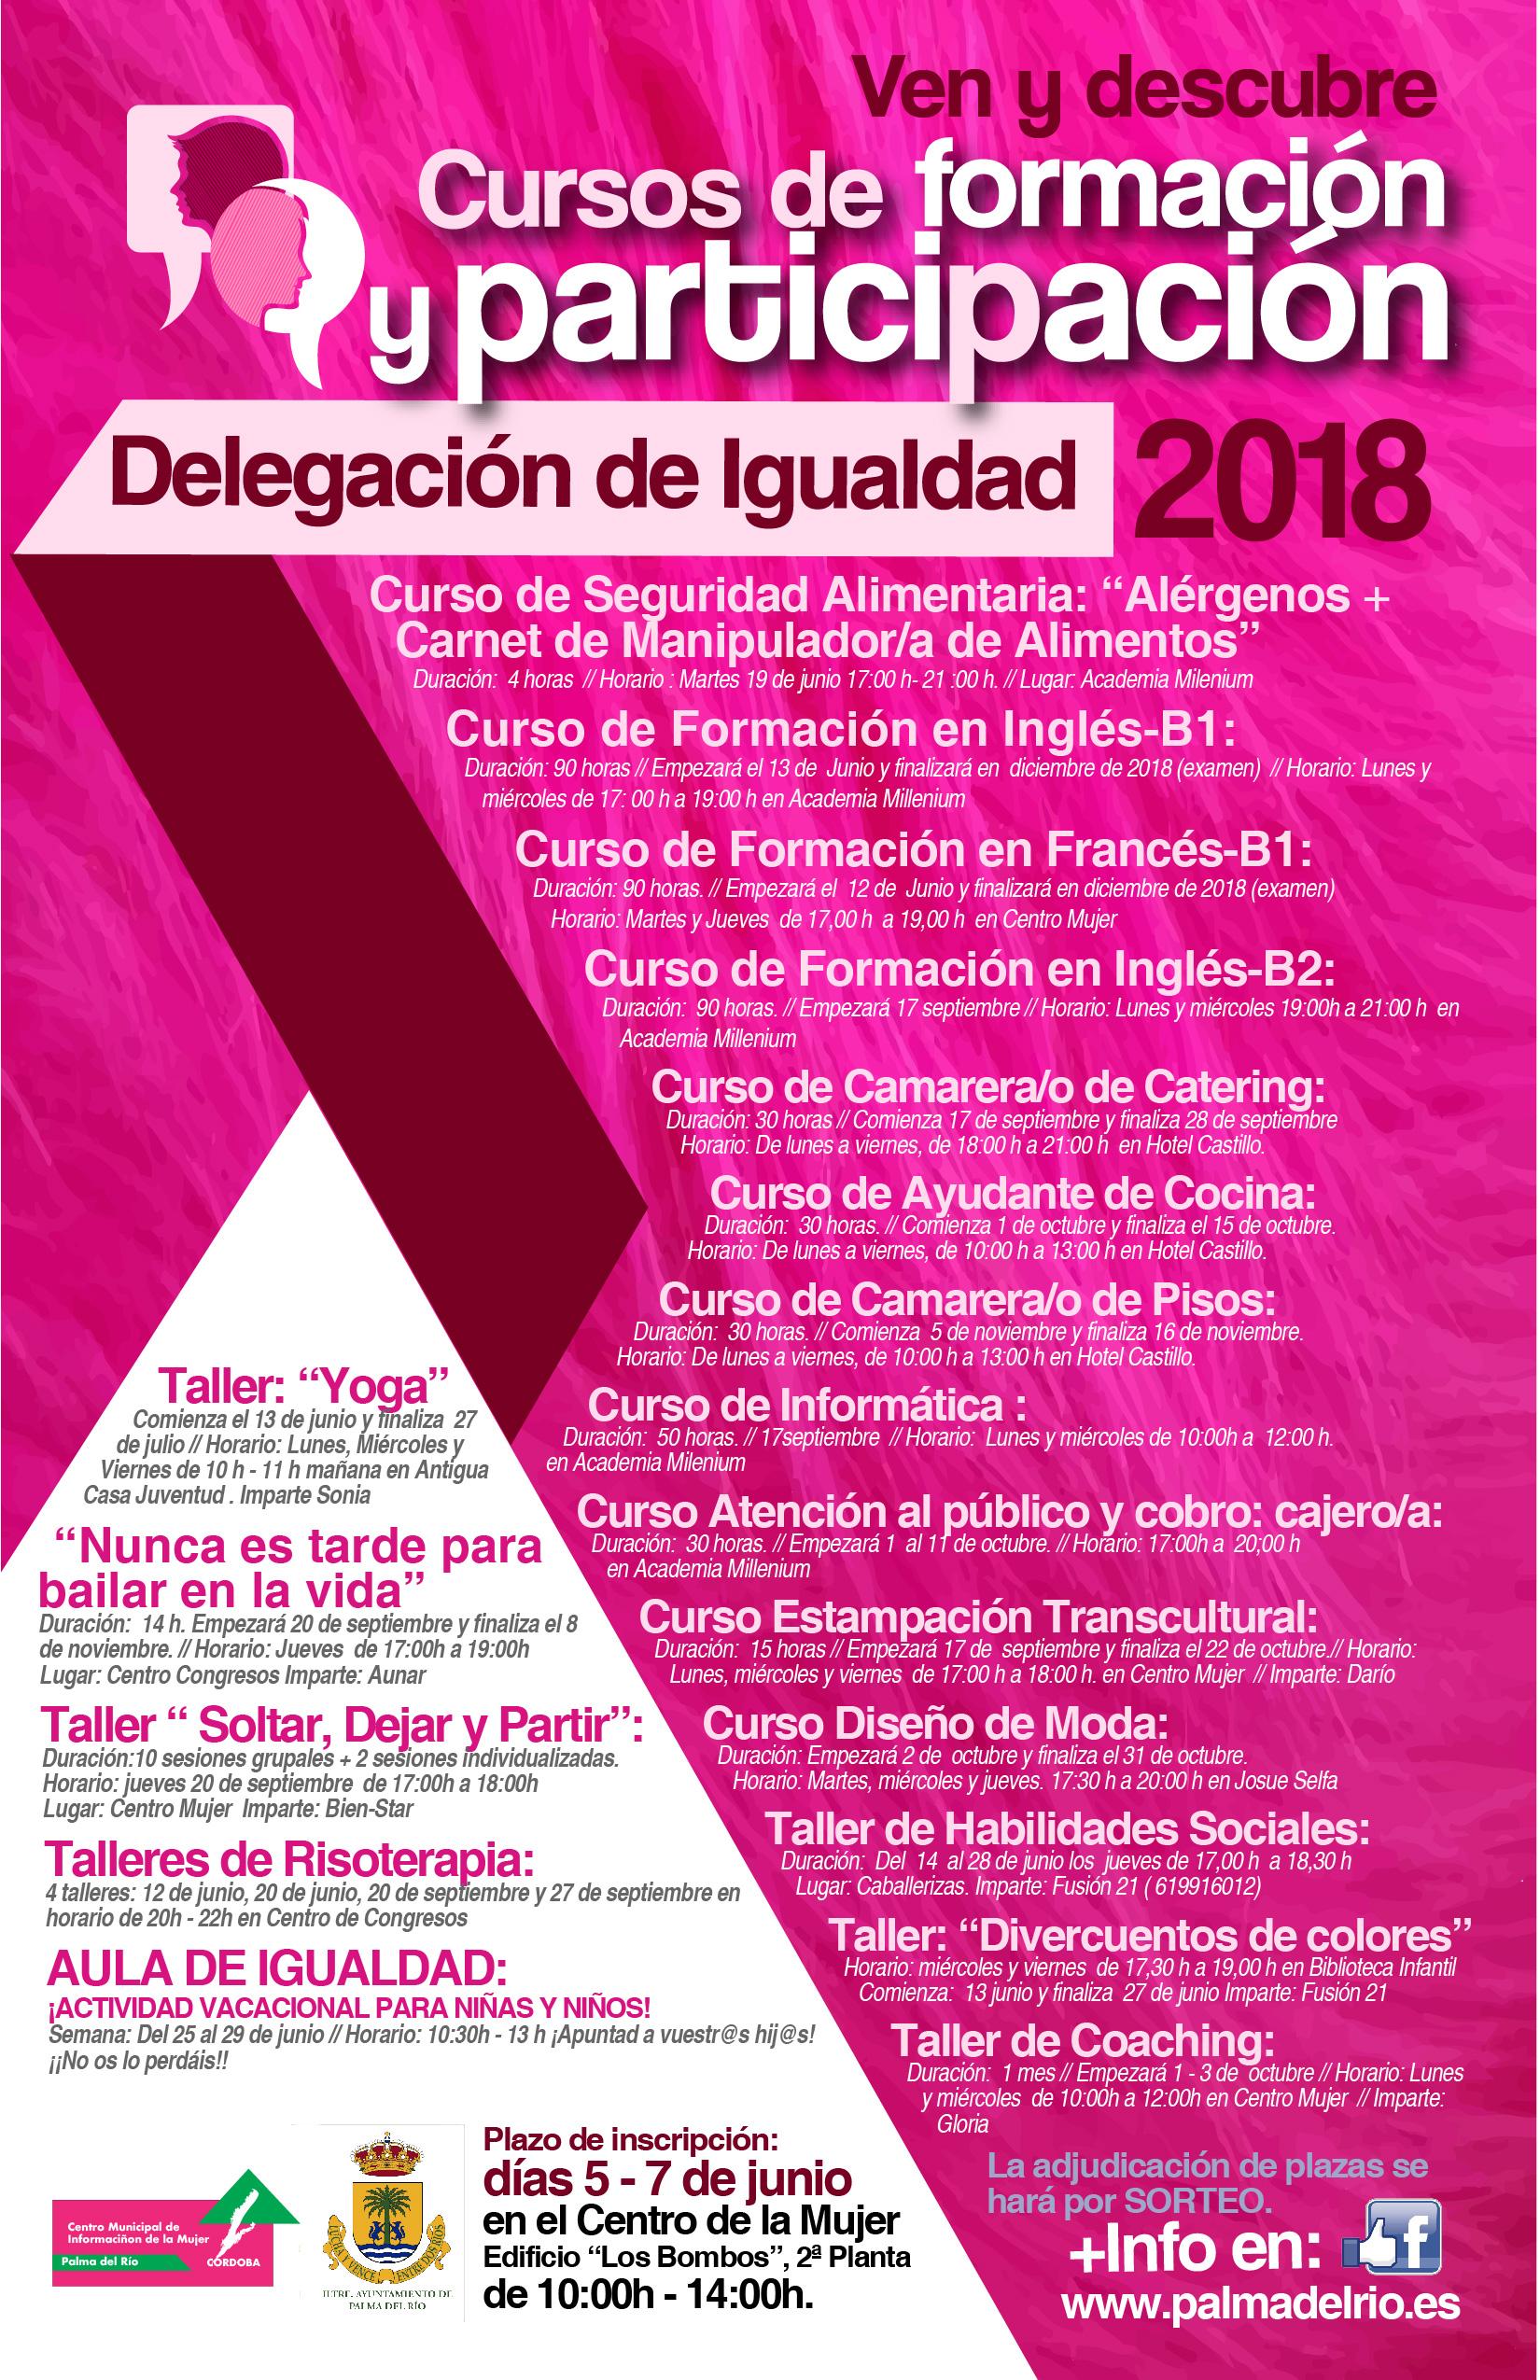 https://www.palmadelrio.es/sites/default/files/cursos_de_participacion-igualdad01.jpg